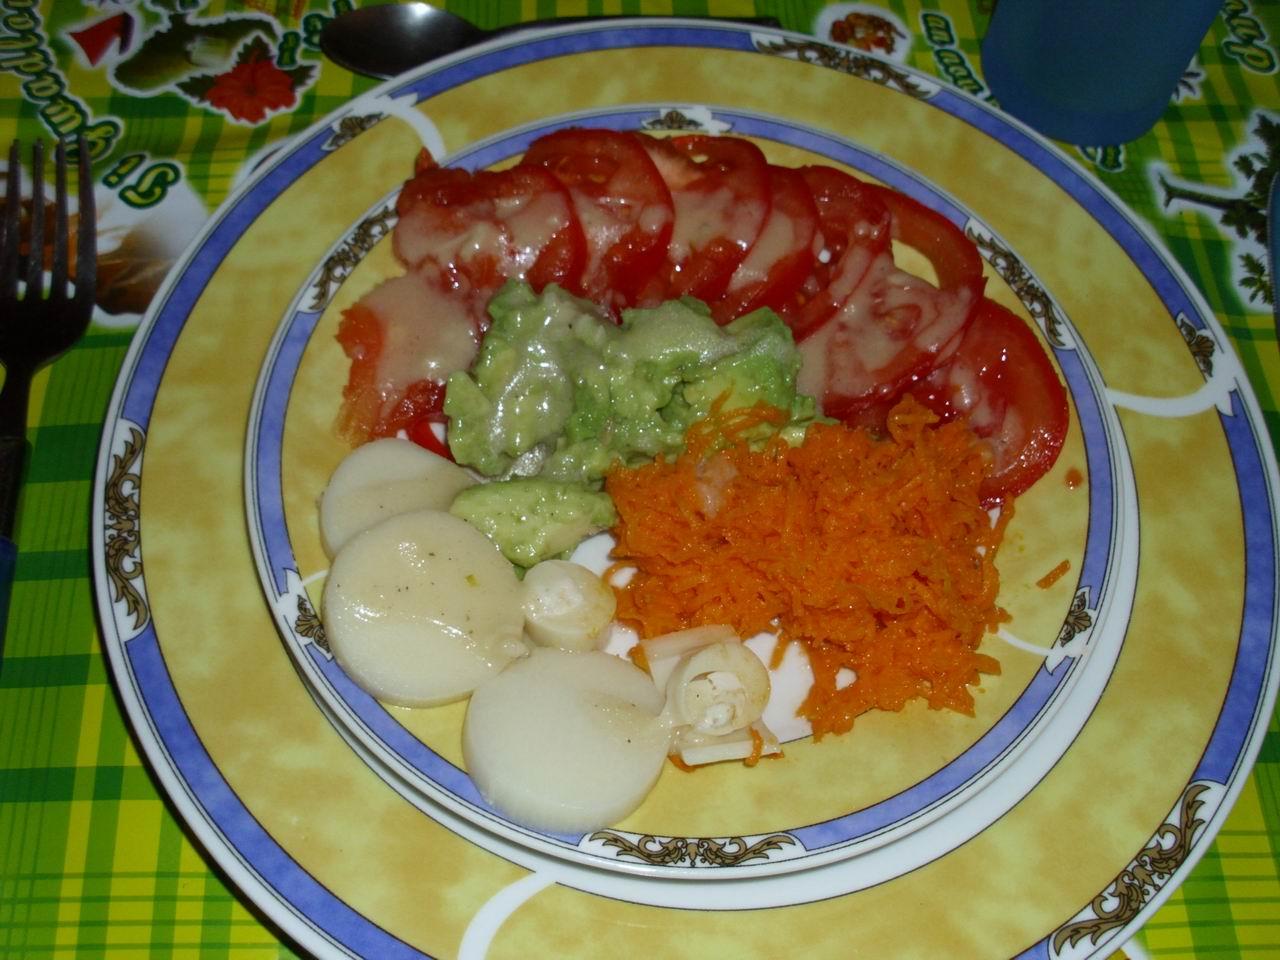 Recettes du chef un repas entre amis for Repas entre amis